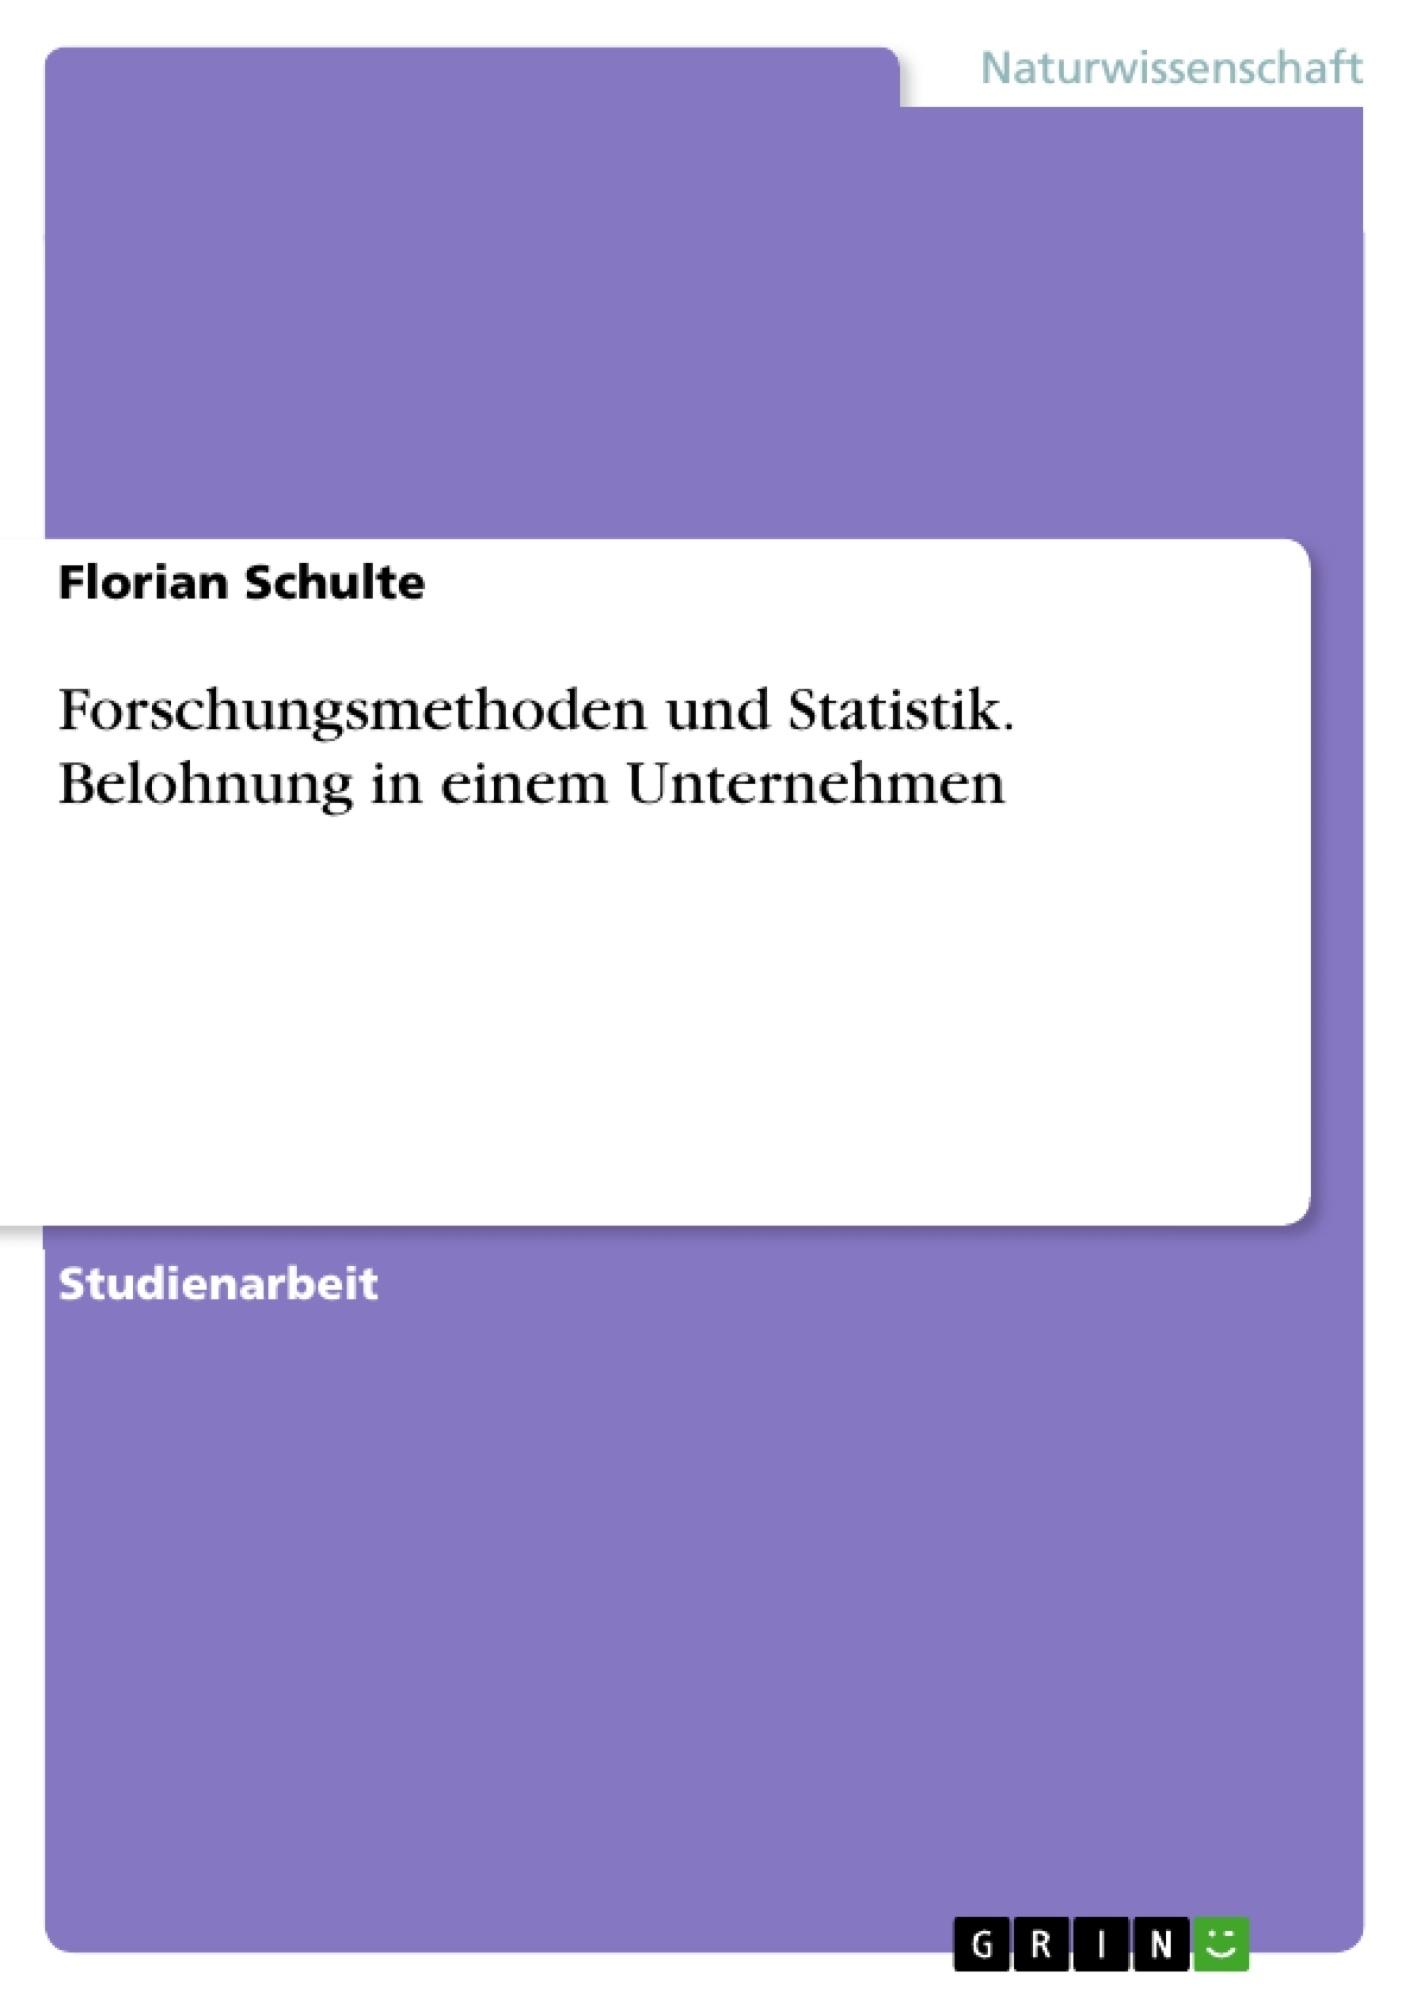 Titel: Forschungsmethoden und Statistik. Belohnung in einem Unternehmen